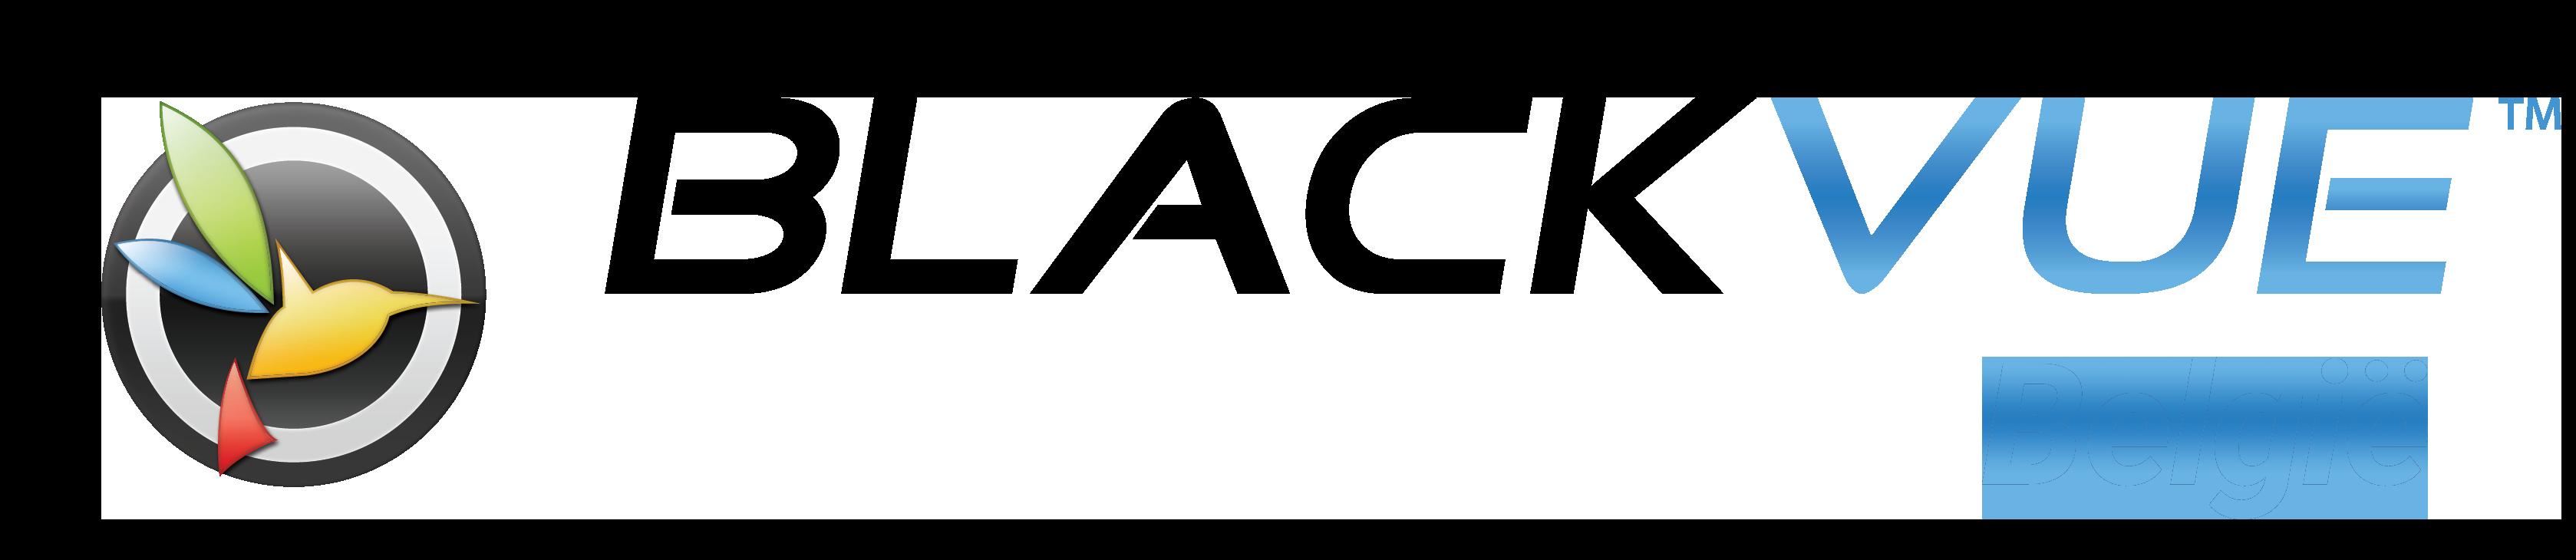 BlackVue-België